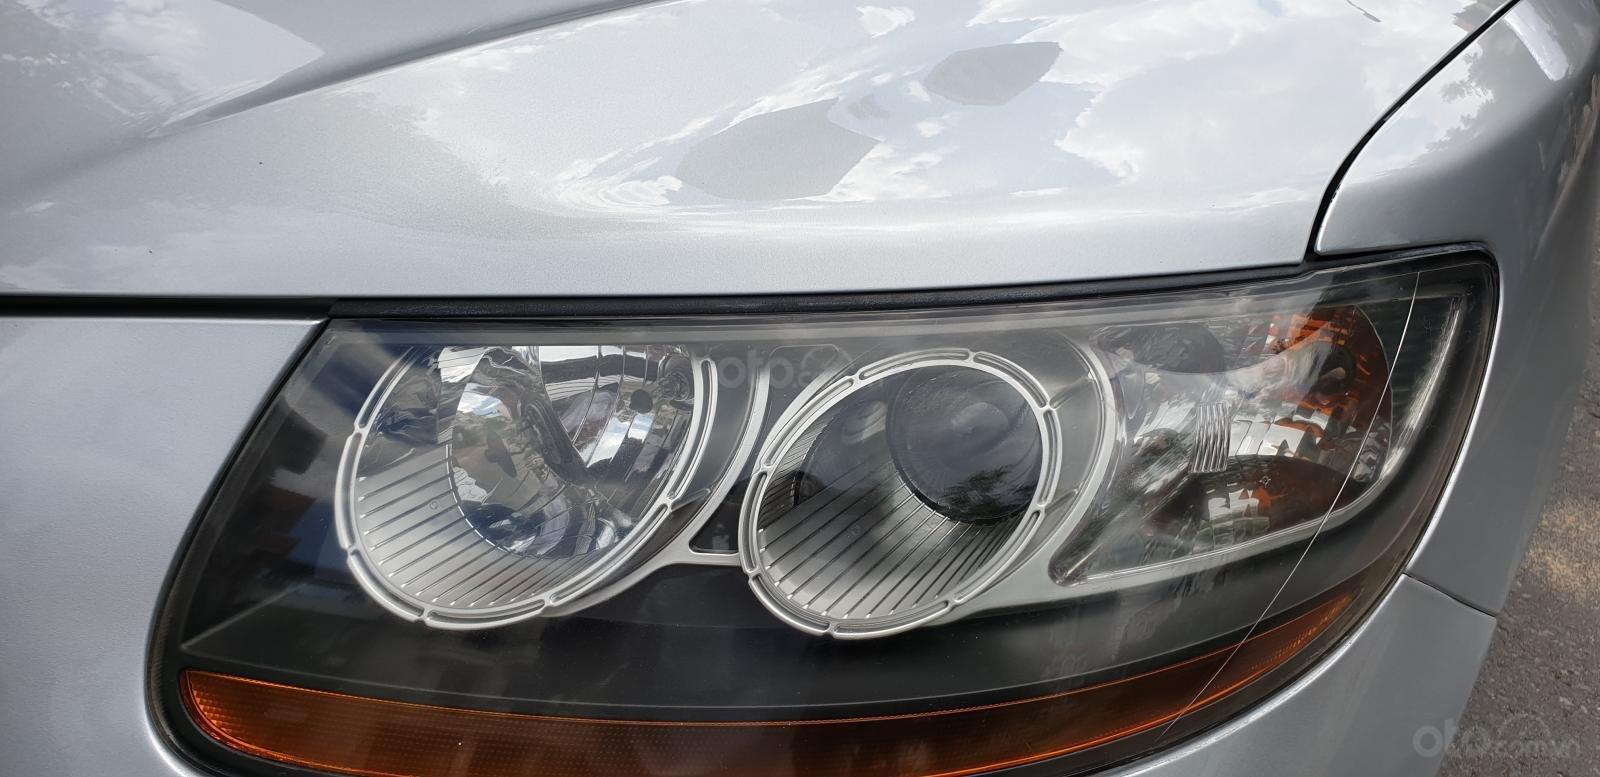 Bán Hyundai Santa Fe SLX 2.0 AT 4×2 2009, máy dầu, số tự động, màu bạc, nhập khẩu, mới 80%-9